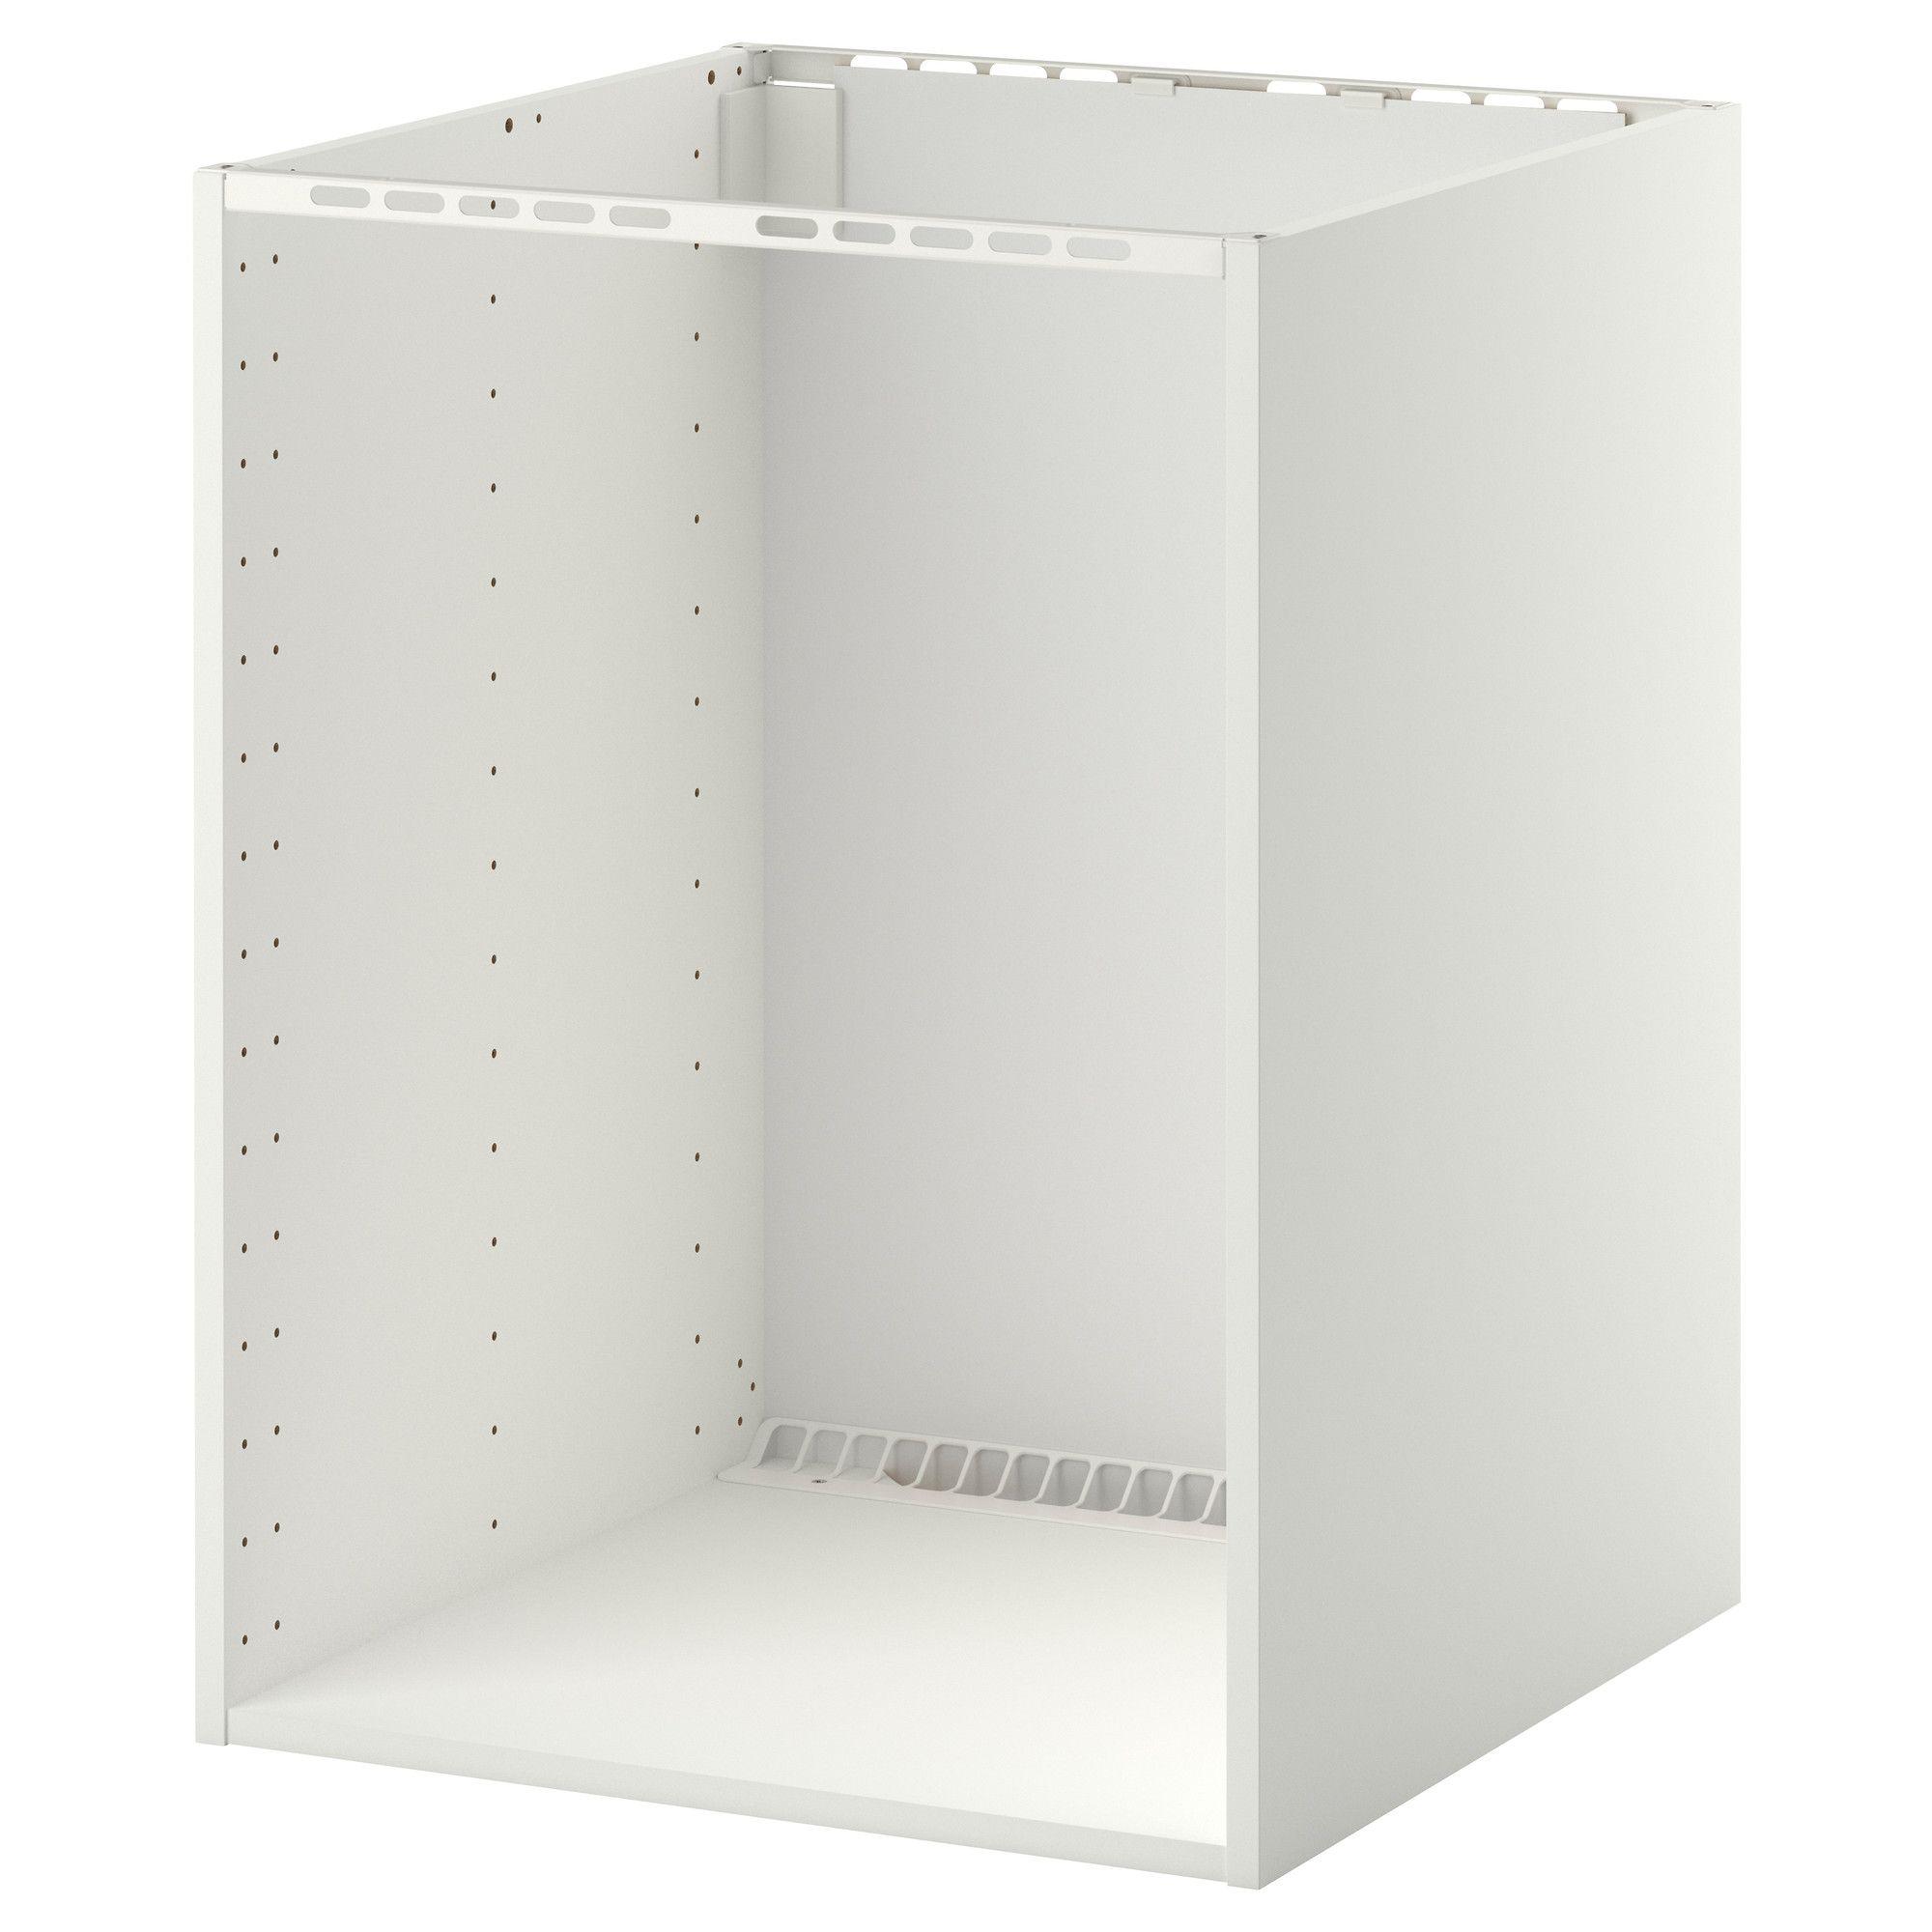 Metod élément Bas Pr Fourévier Encastré Blanc 60 X 60 X 80 Cm